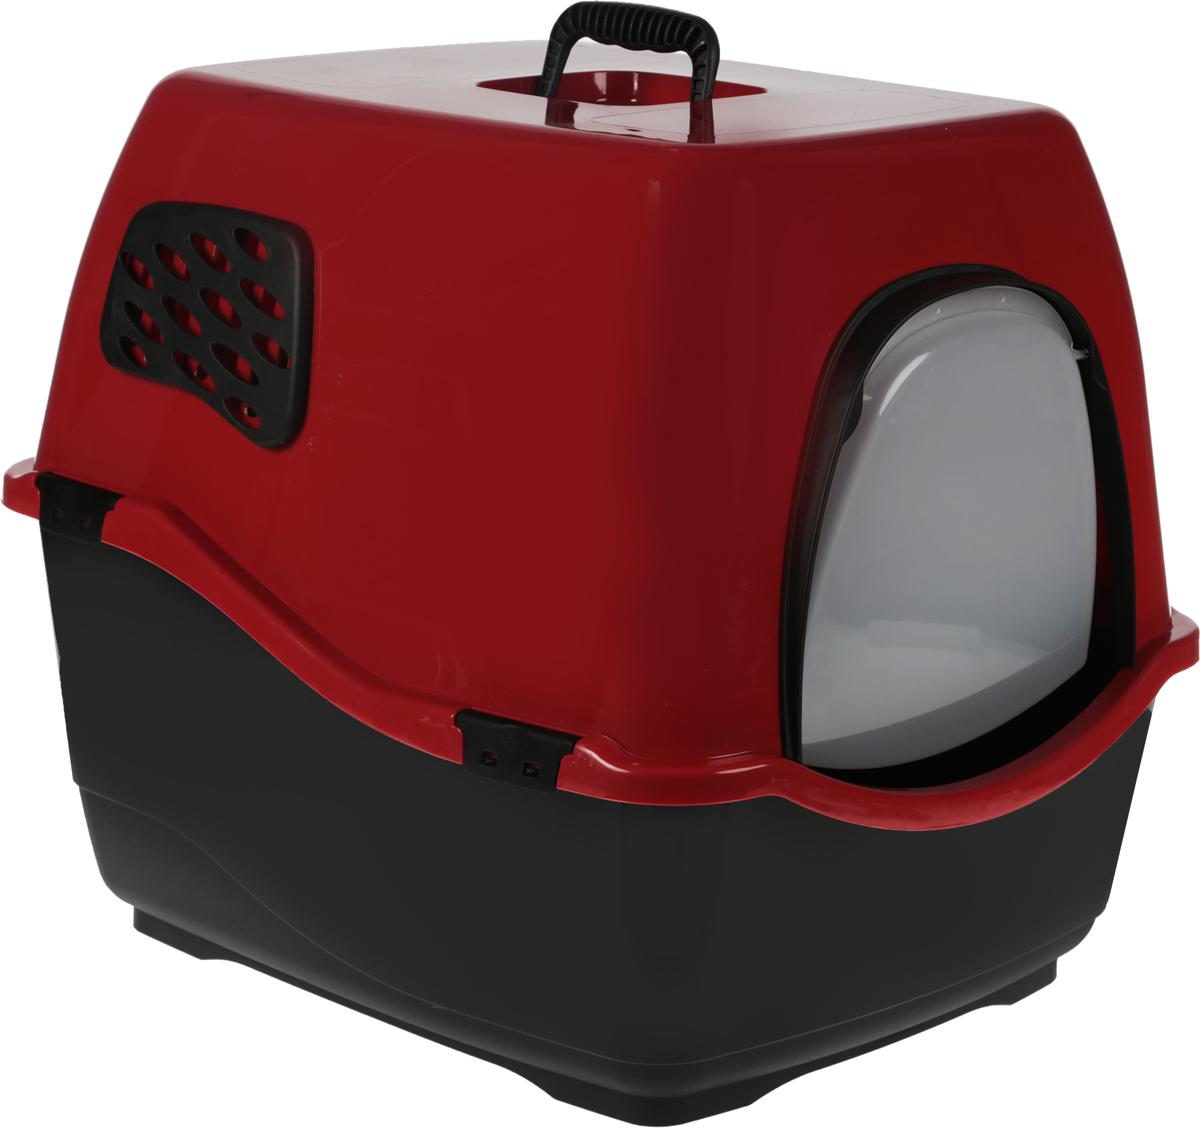 Туалет для кошек Marchioro  Bill 2F , цвет: рубиновый, черный, 57 х 45 х 48 см - Наполнители и туалетные принадлежности